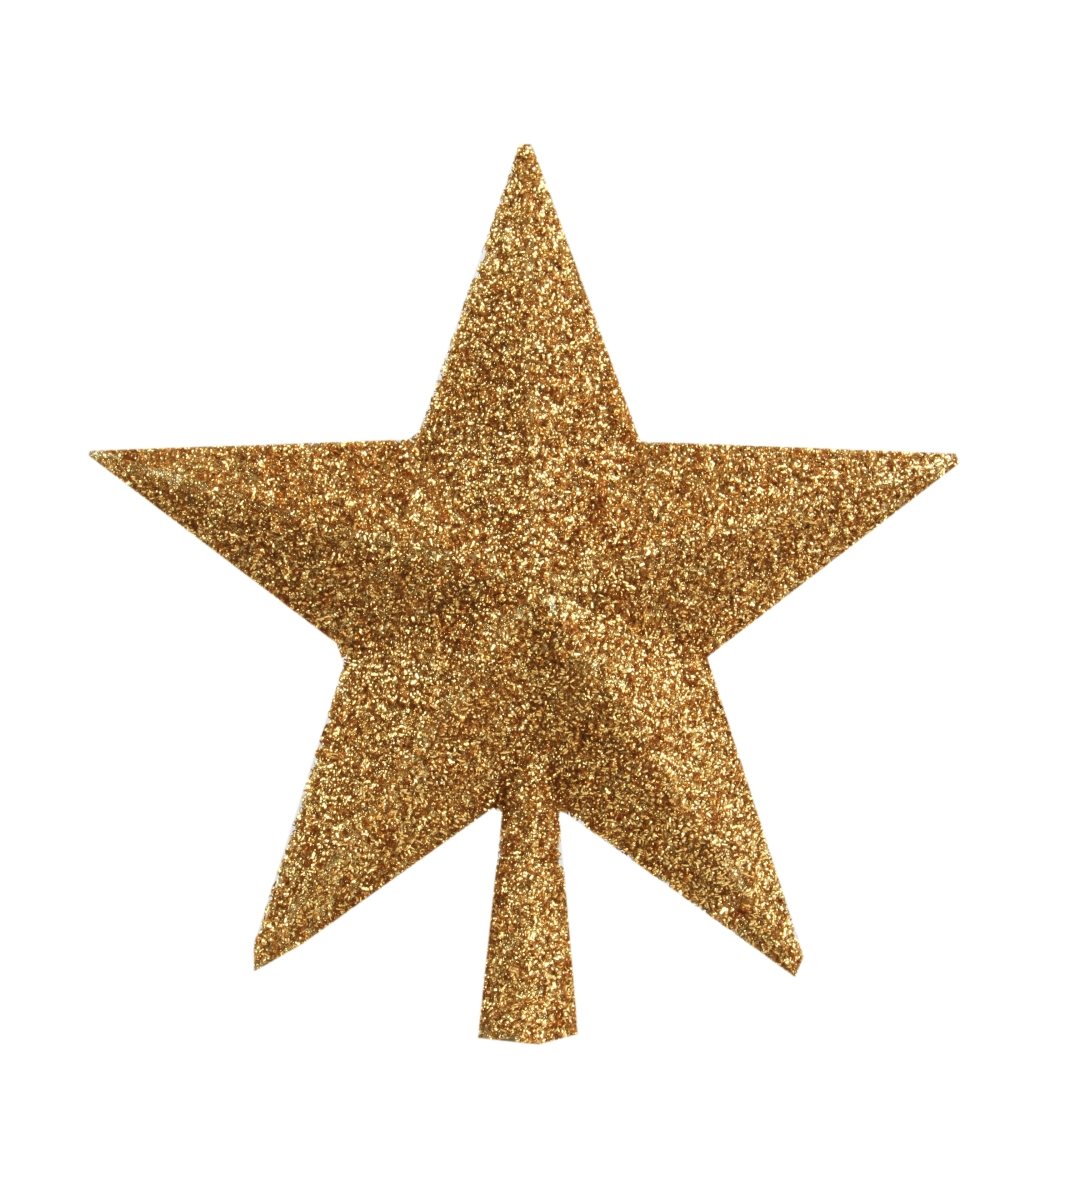 Zlatá špice ve tvaru hvězdy výška 23 cm